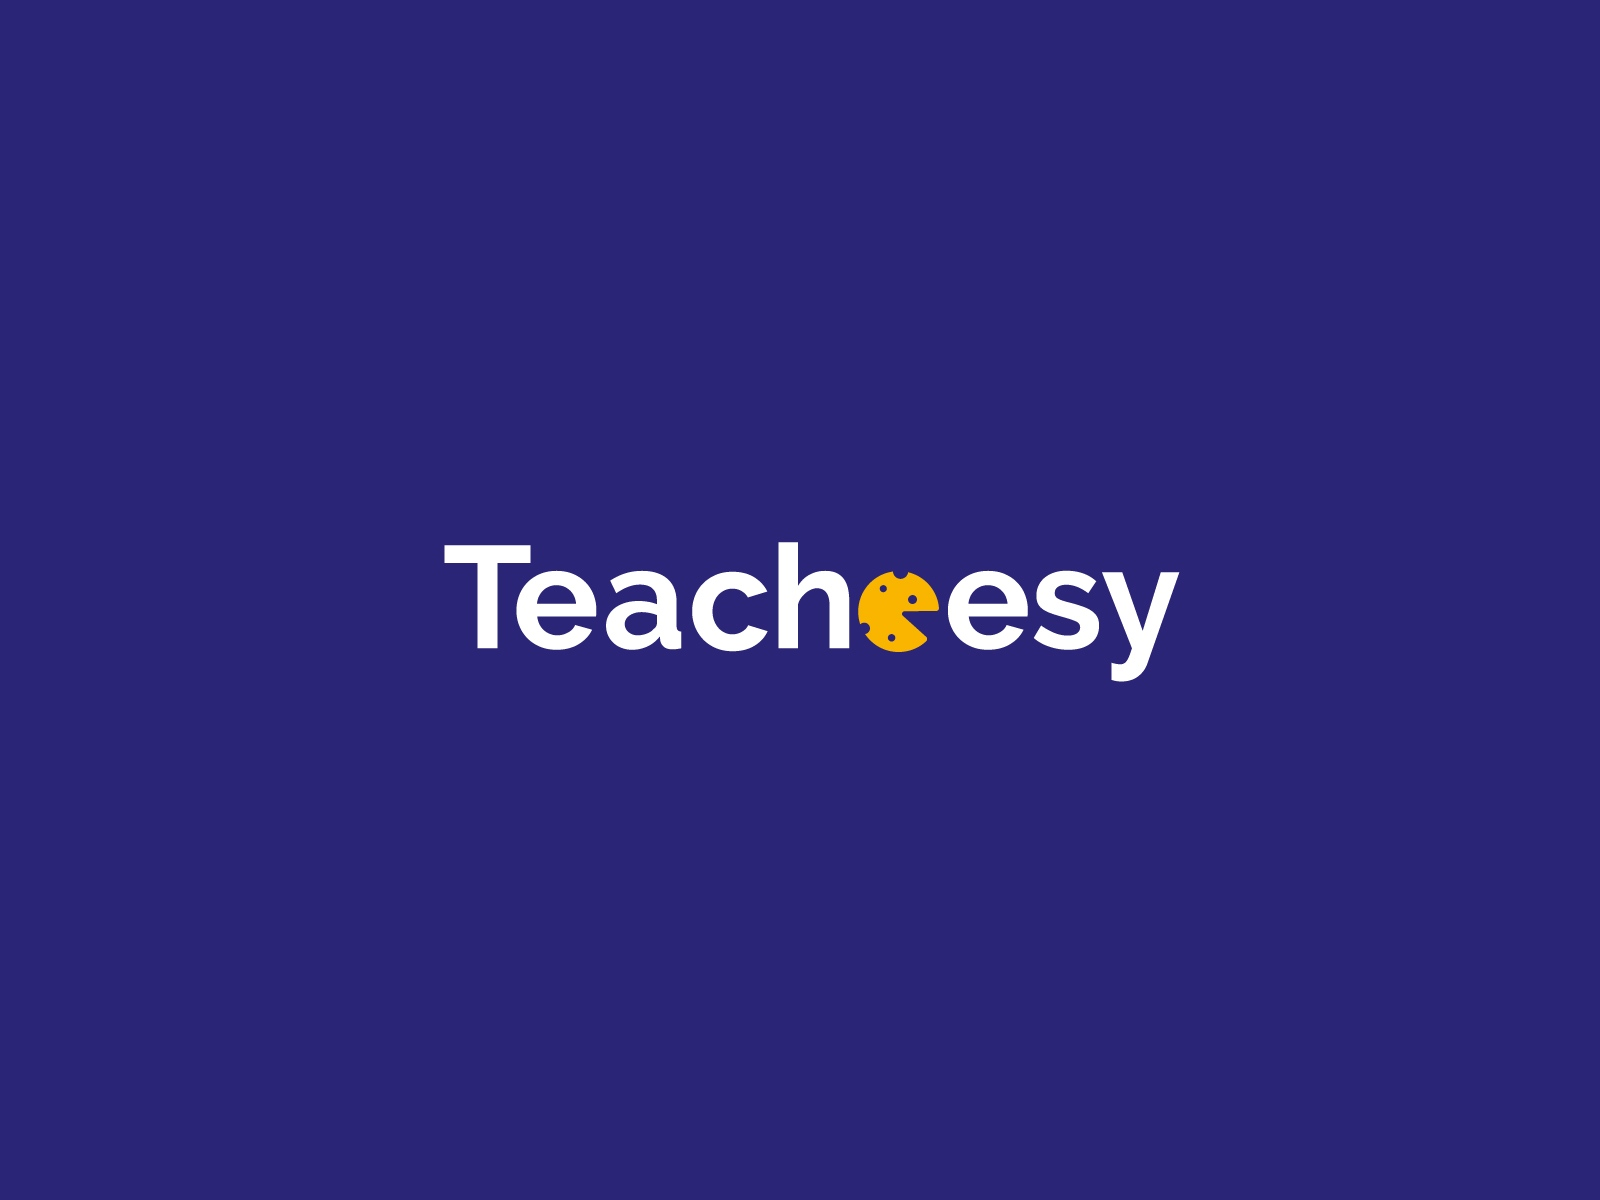 Teacheesy diseño de marca para plan de formación